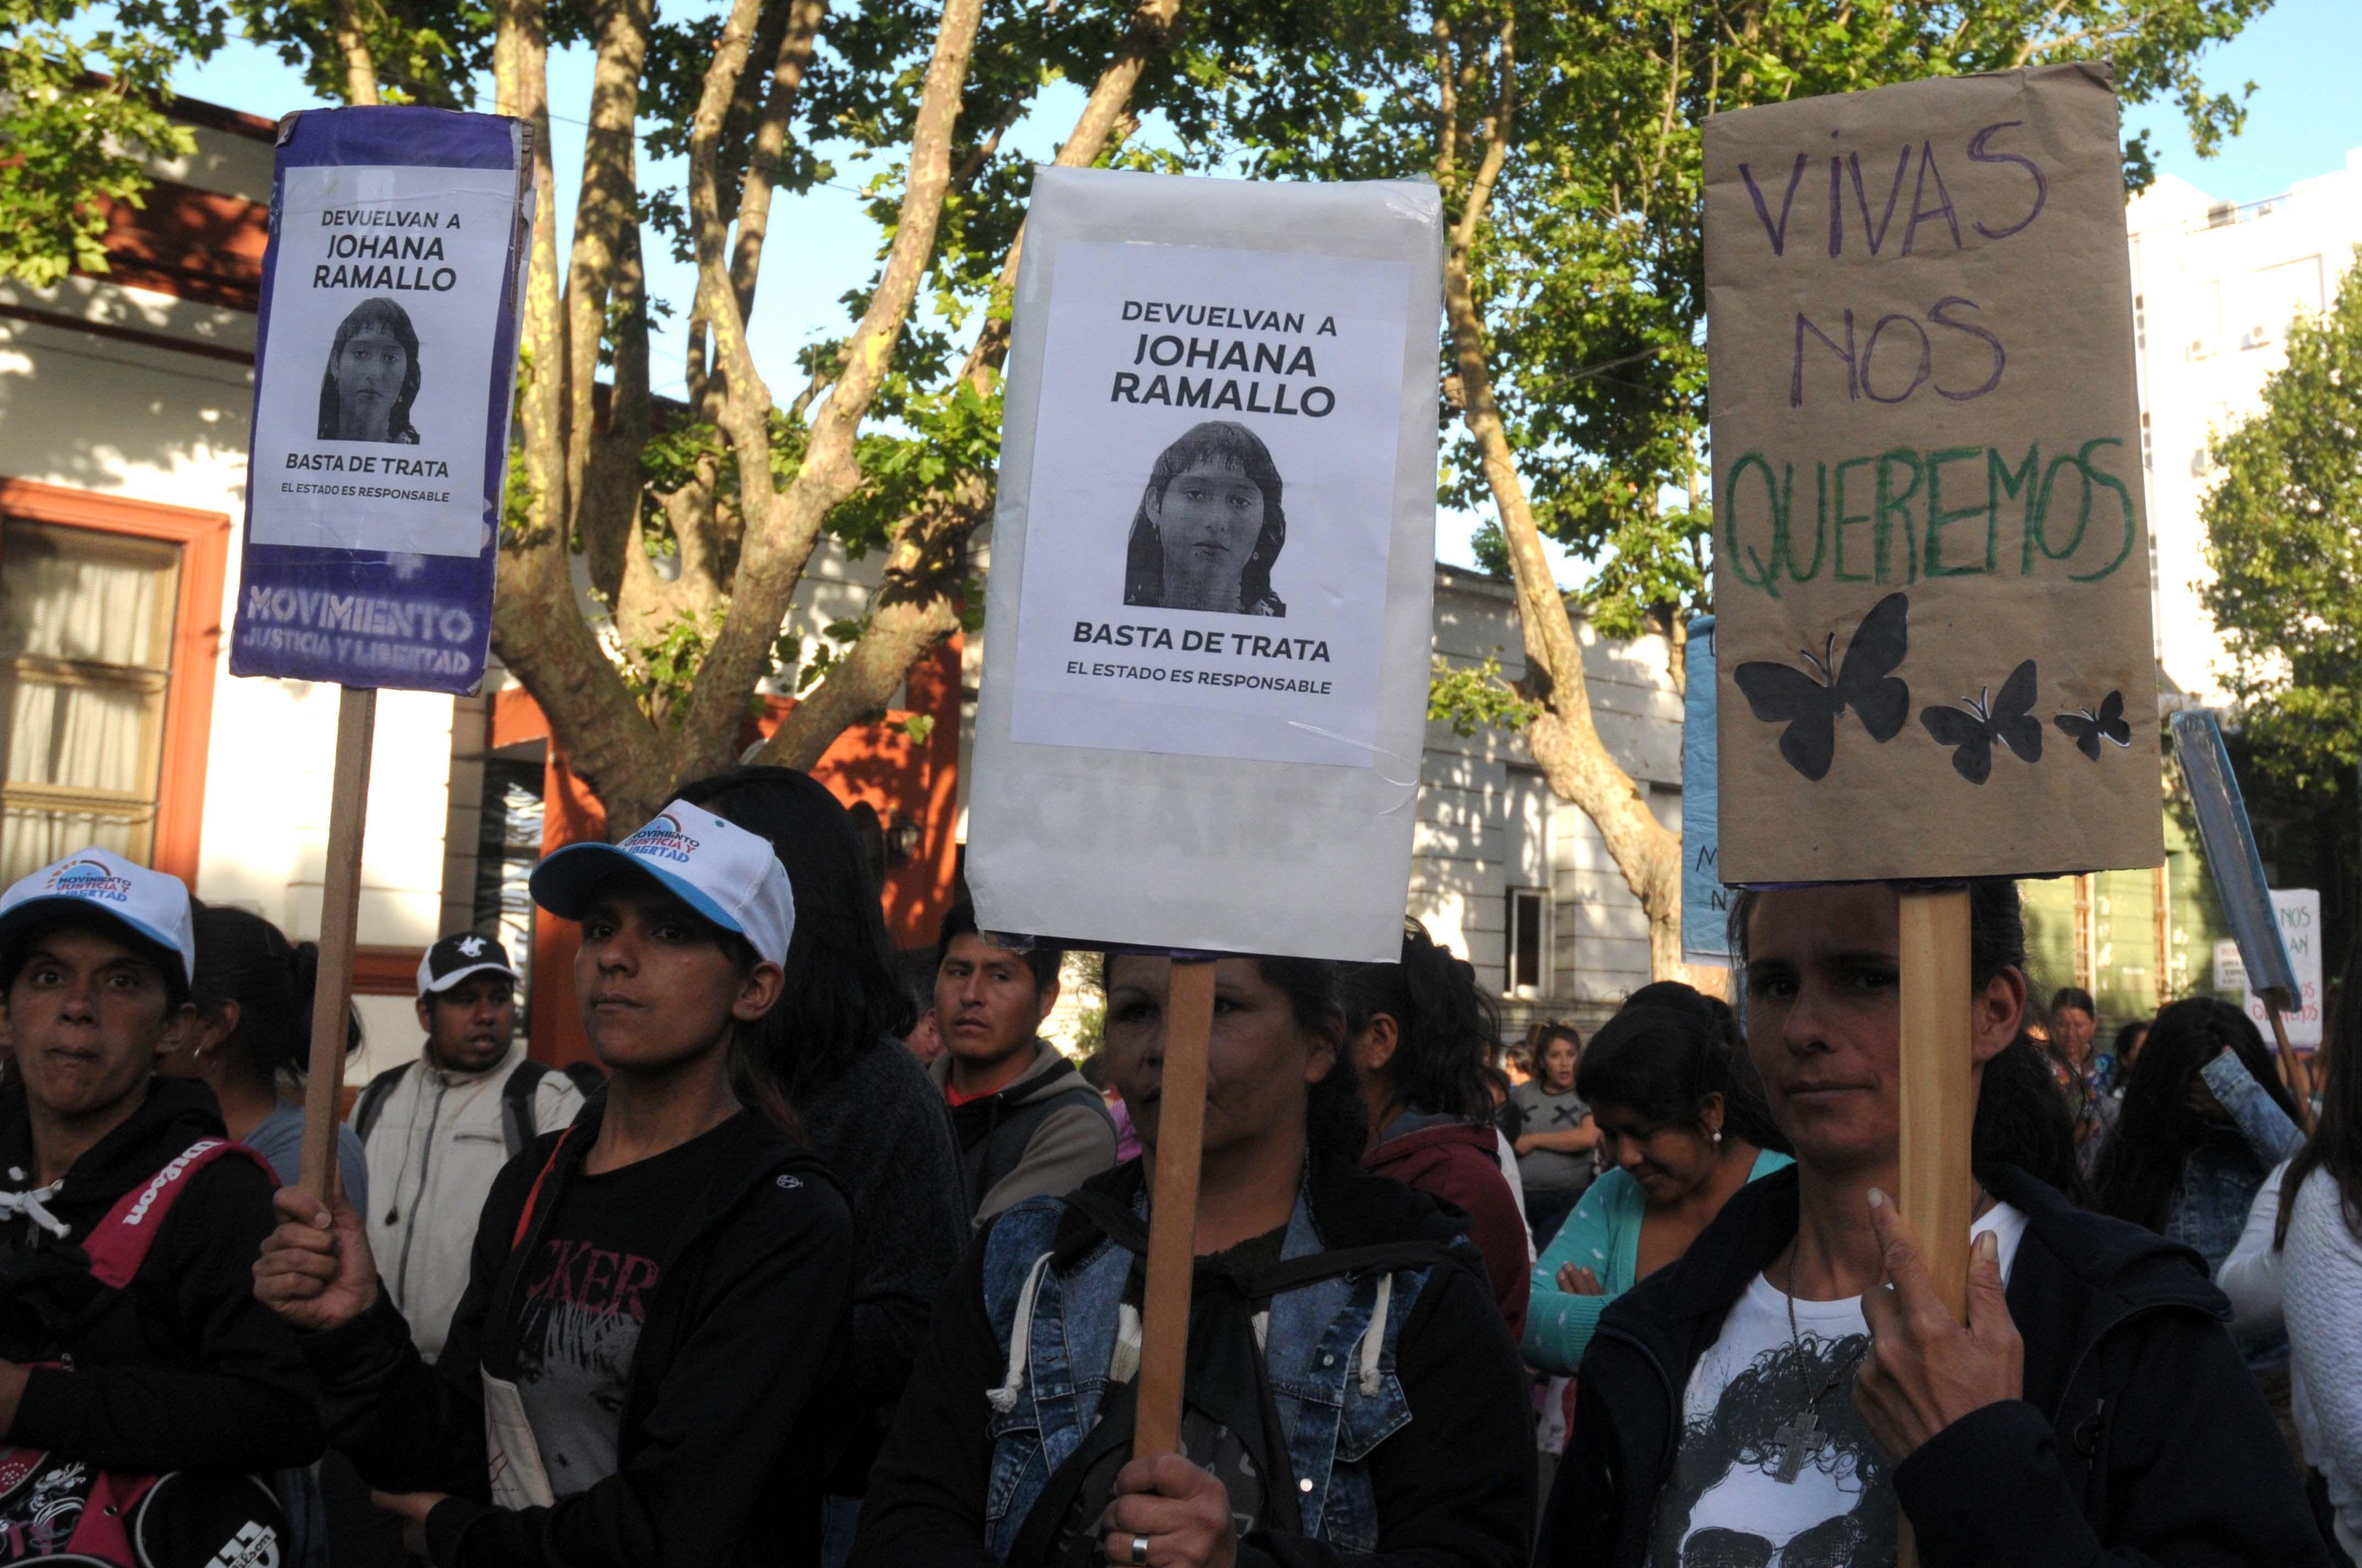 Cuatro meses sin Johana: masiva marcha por la desaparición de la joven